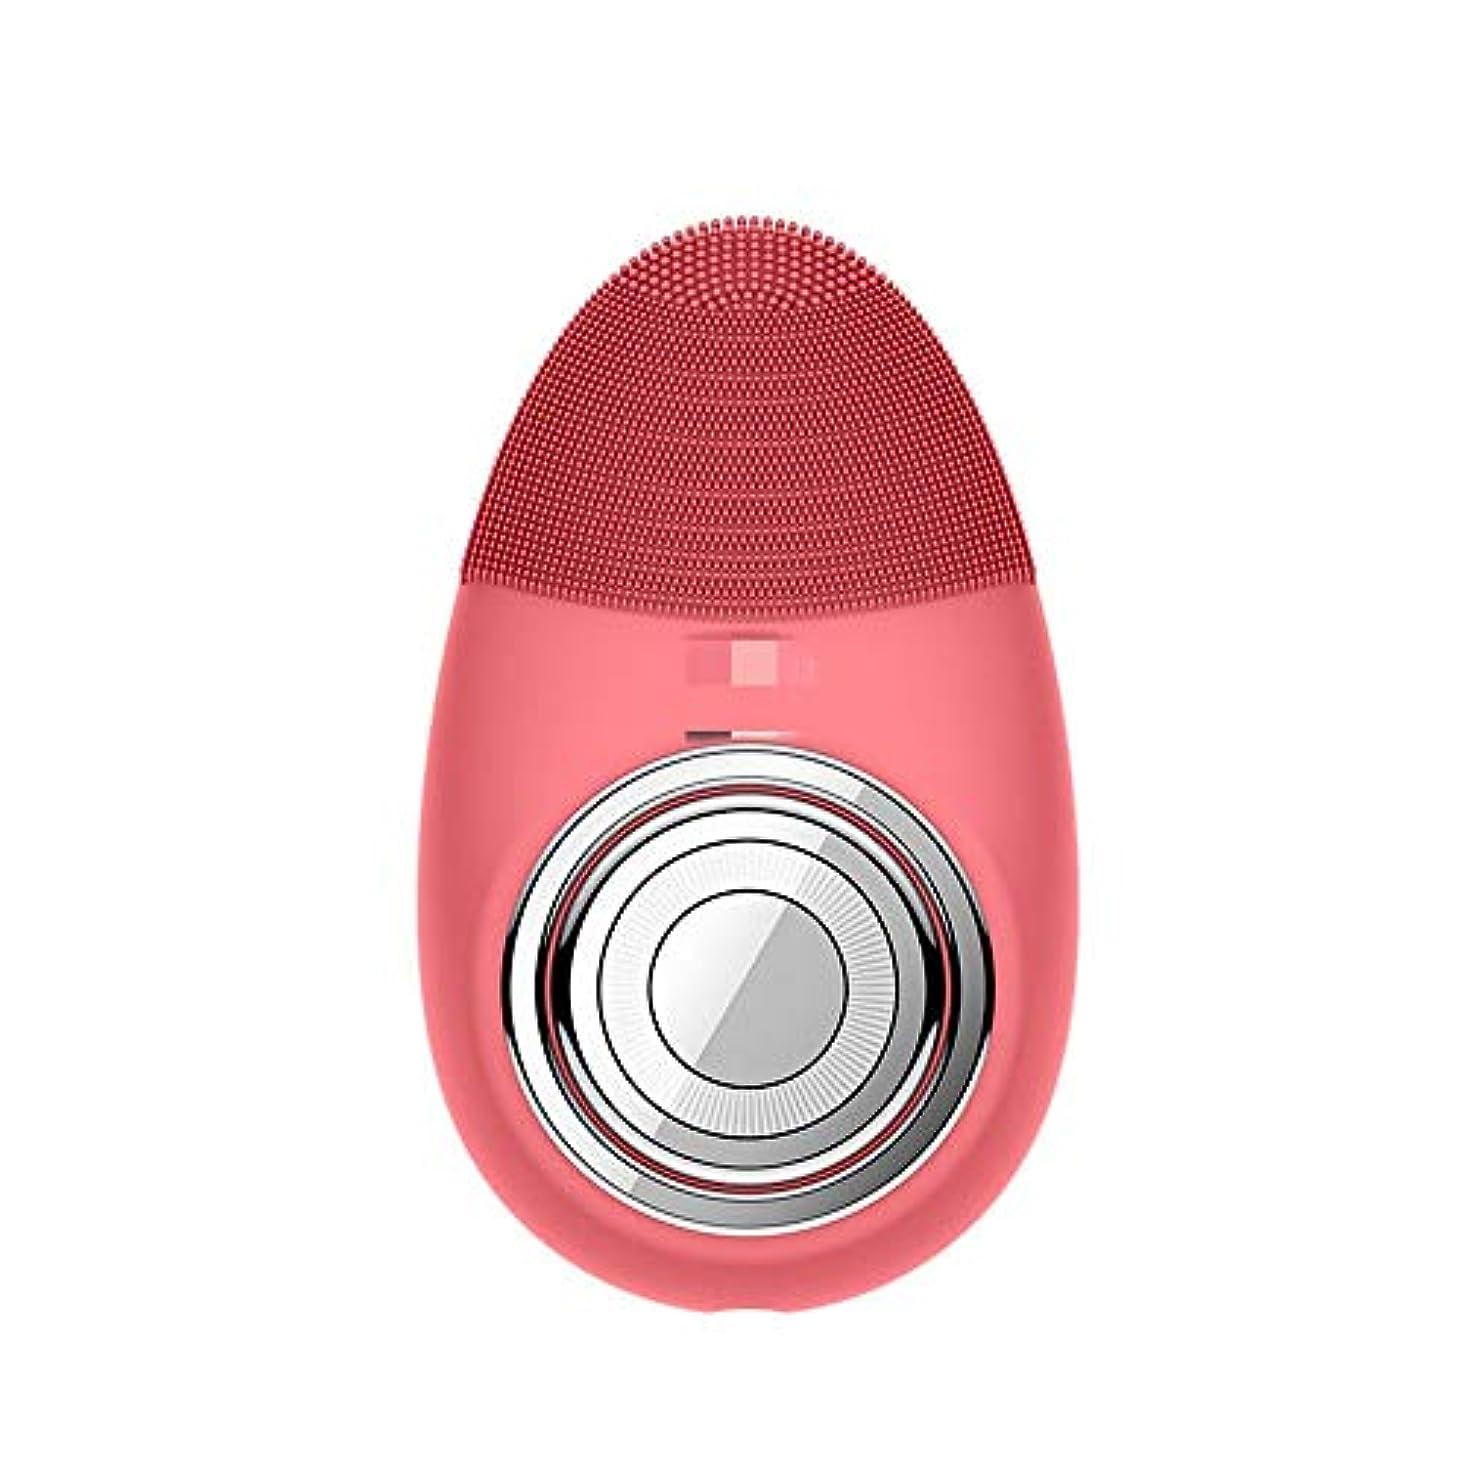 Donghechengkang 多機能電気恒温シリコーンクレンジング楽器赤灯肌清潔毛穴クリーナー輸入機器美容機器 (Color : Red)